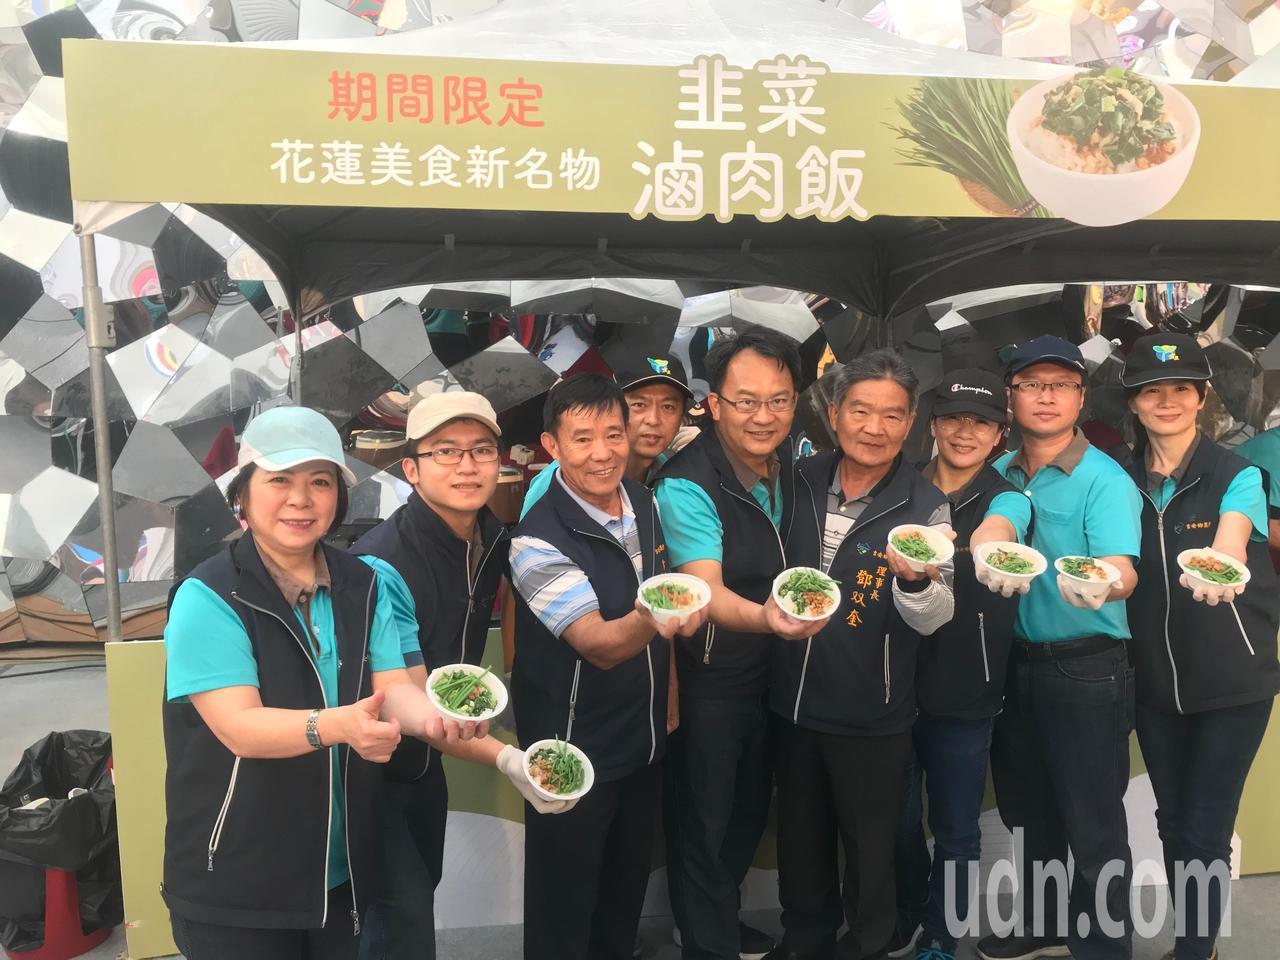 花蓮吉安鄉農會一連7天,在花蓮新天堂樂園準備美味魯肉飯請民眾試吃。記者王思慧/攝...